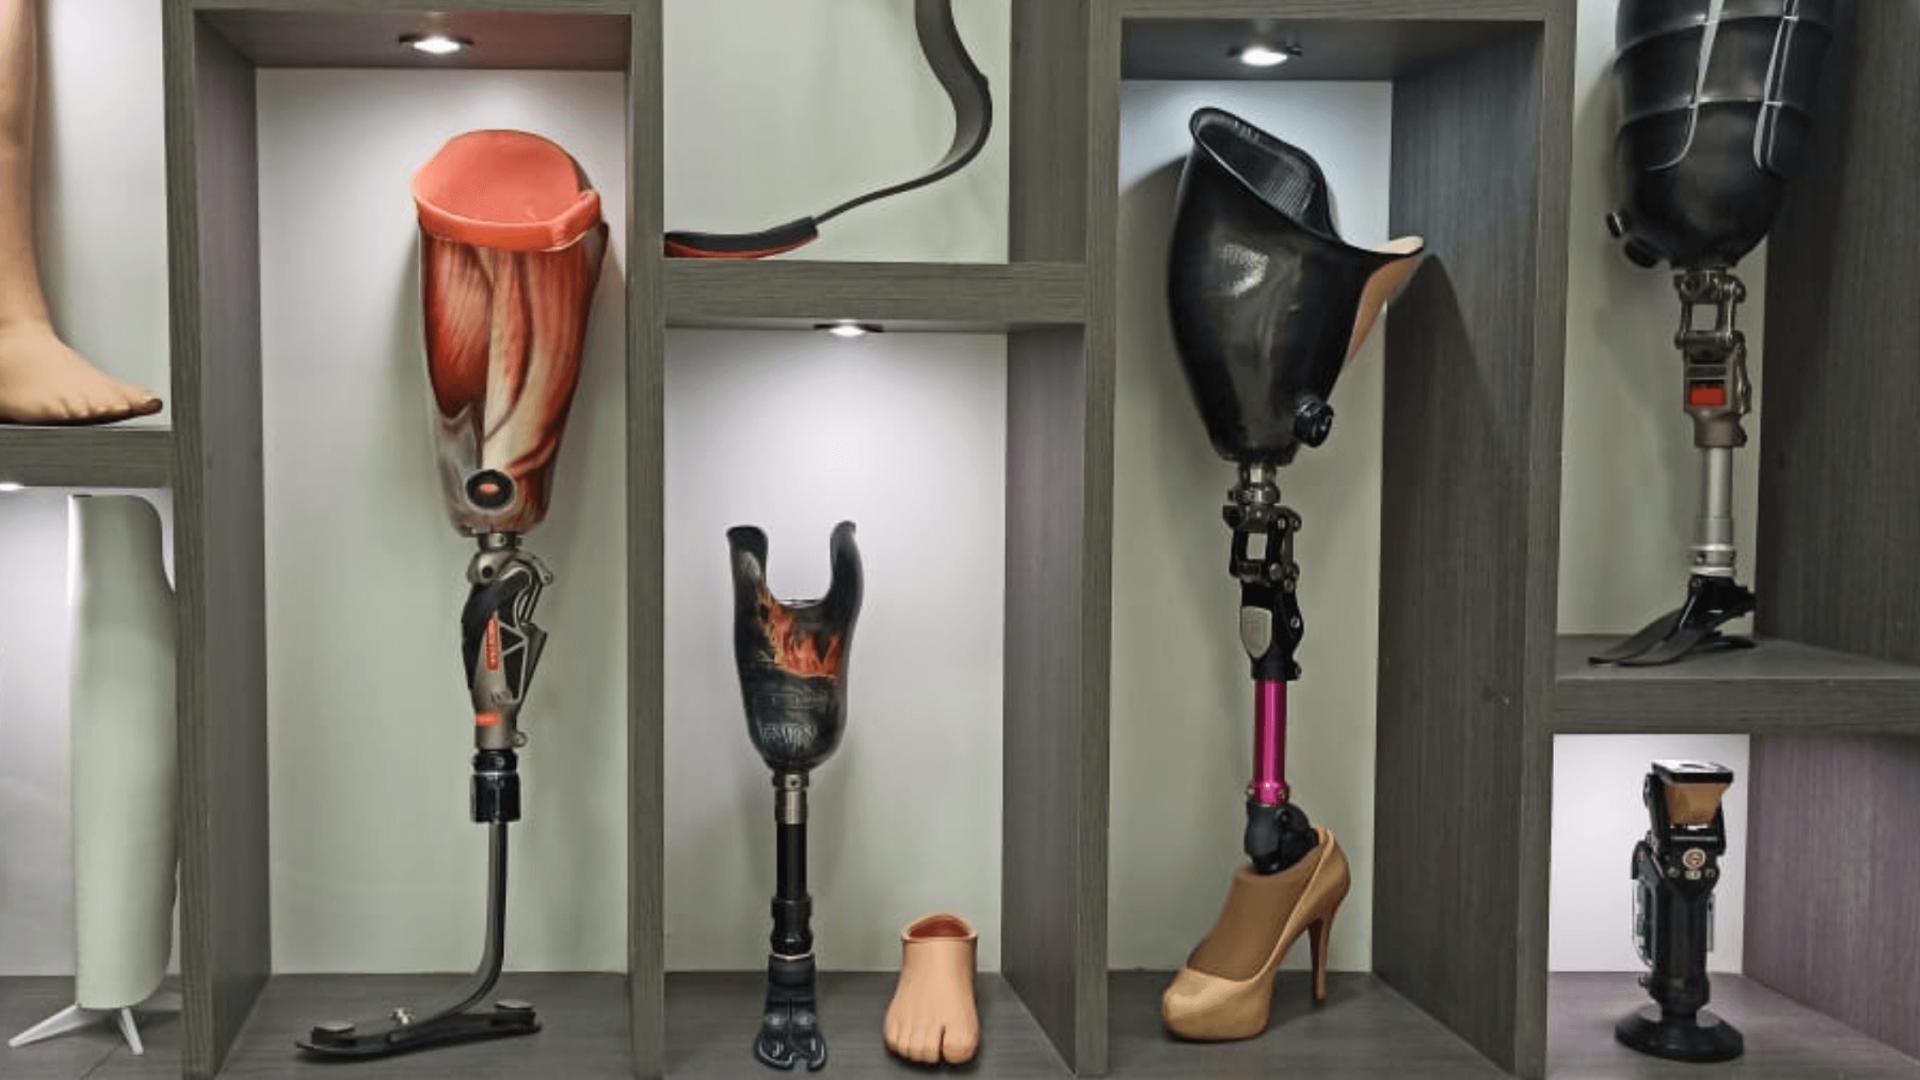 como usar fgts para comprar proteses